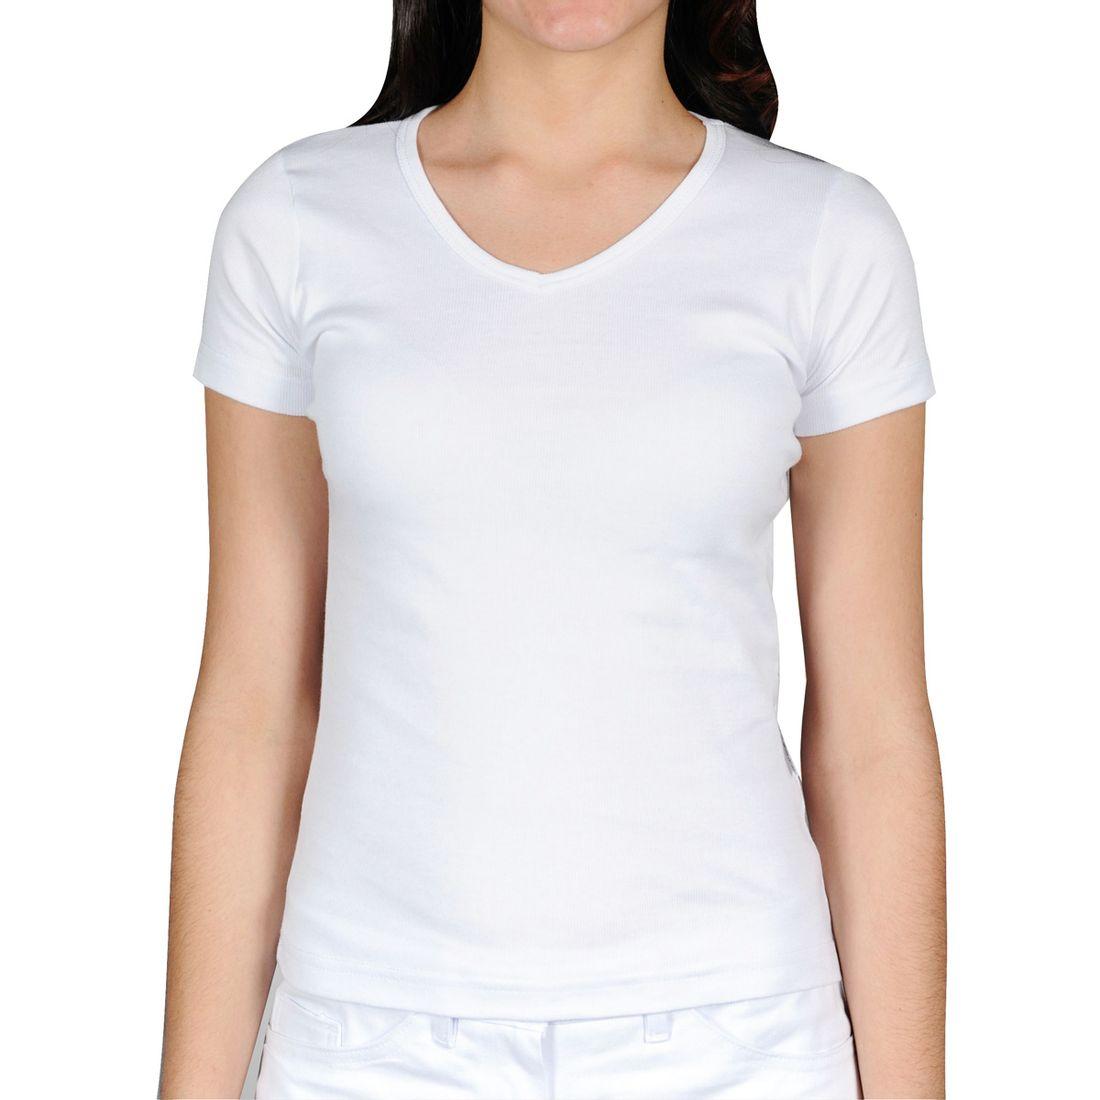 Camiseta canelada manga curta feminina gola branca poetique jpg 1100x1100 Camisa  baby look 56287ca52ca